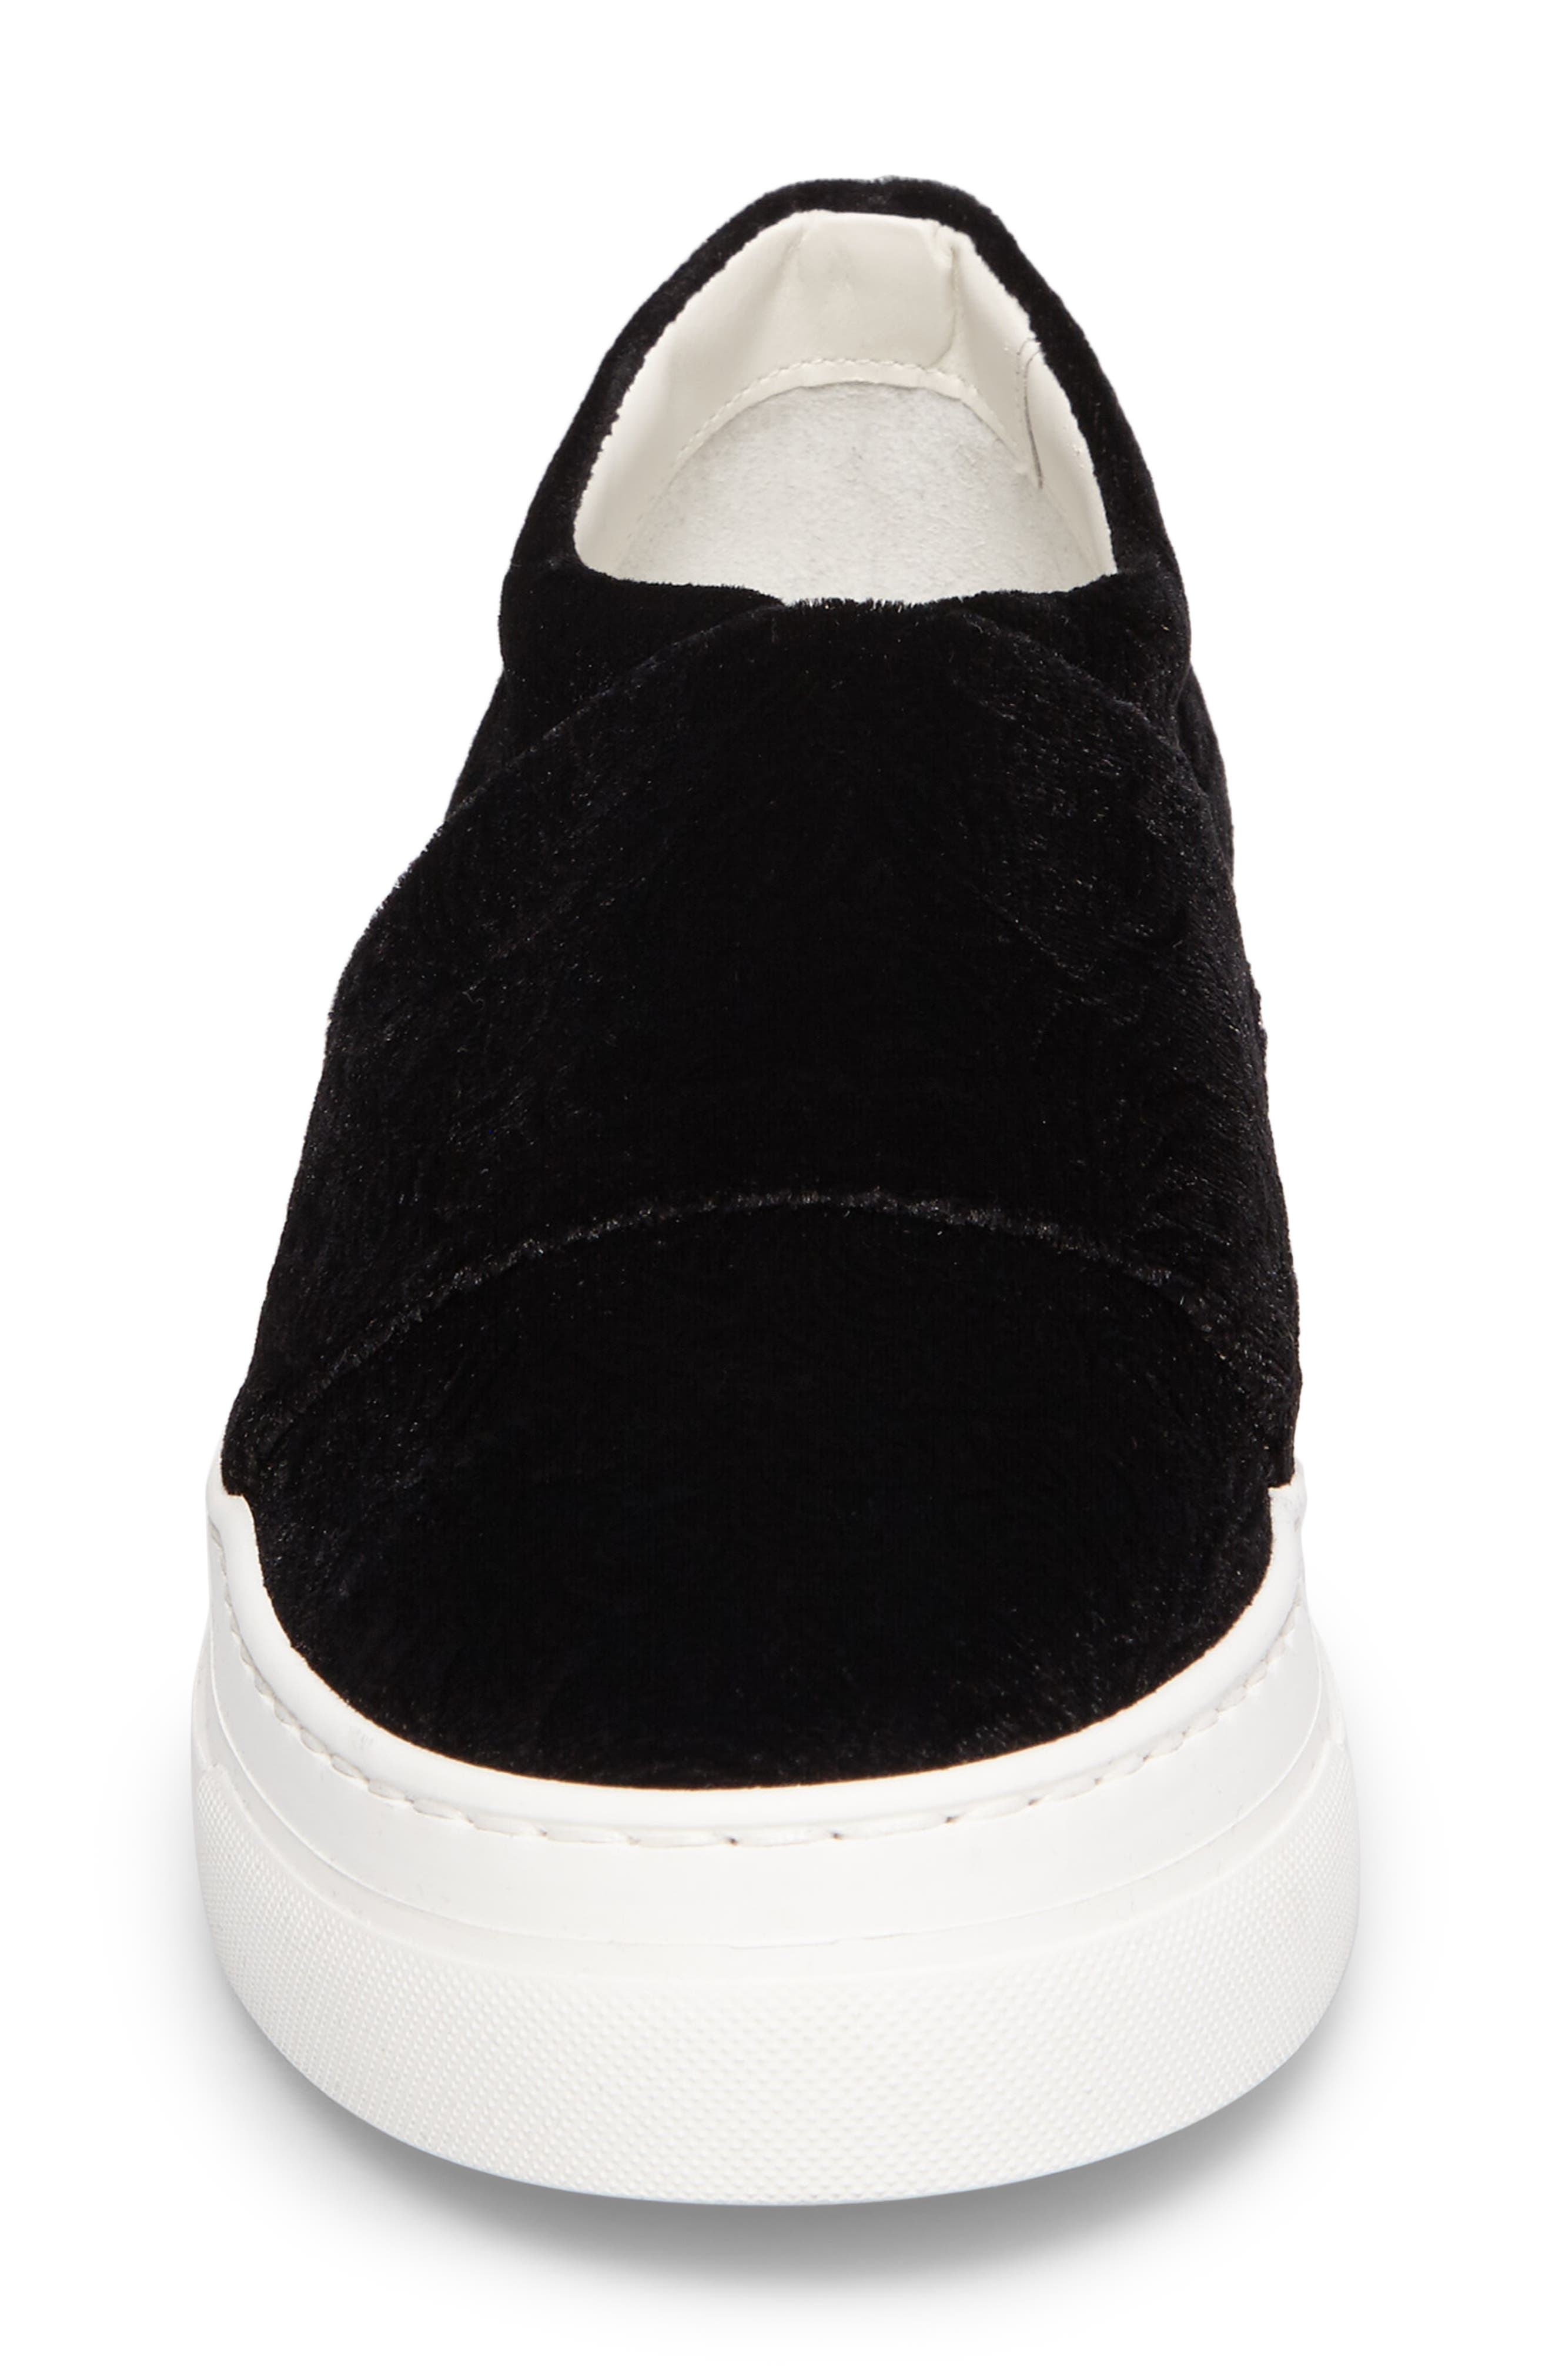 Arlo Slip-On Platform Sneaker,                             Alternate thumbnail 4, color,                             Black Embossed Velvet